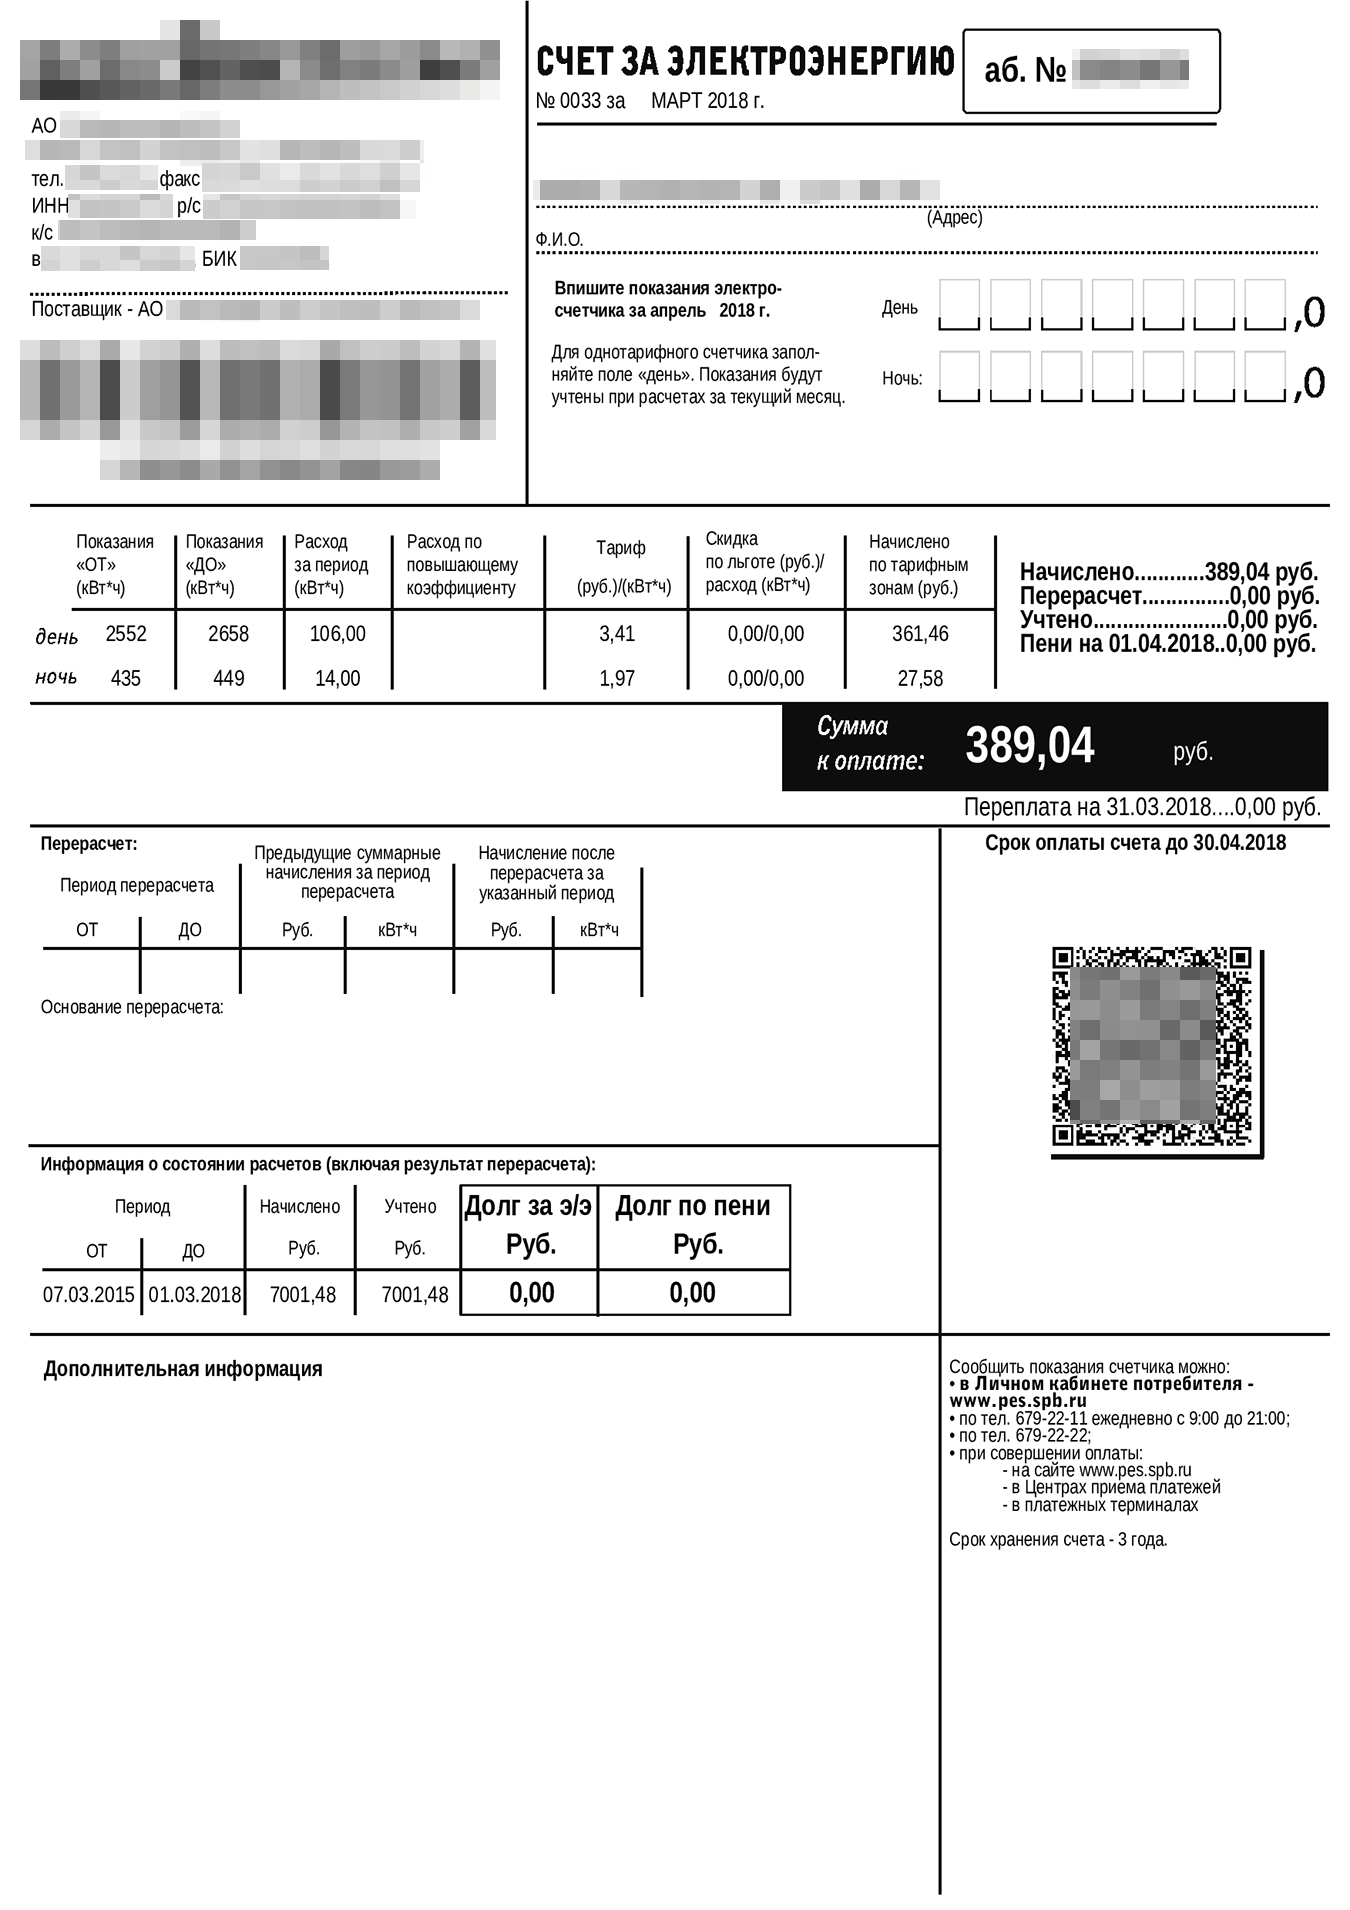 Квитанции на оплату ЖКУ длясобственника: общая квитанция, счет заэлектроэнергию и повзносу накапитальный ремонт. Чтобы подтвердить оплату счетов, нужно приложить кним чеки наоплату. Их можно распечатать изприложения мобильного банка, если вы оплатили счета таким образом, или приложить чеки израсчетного центра